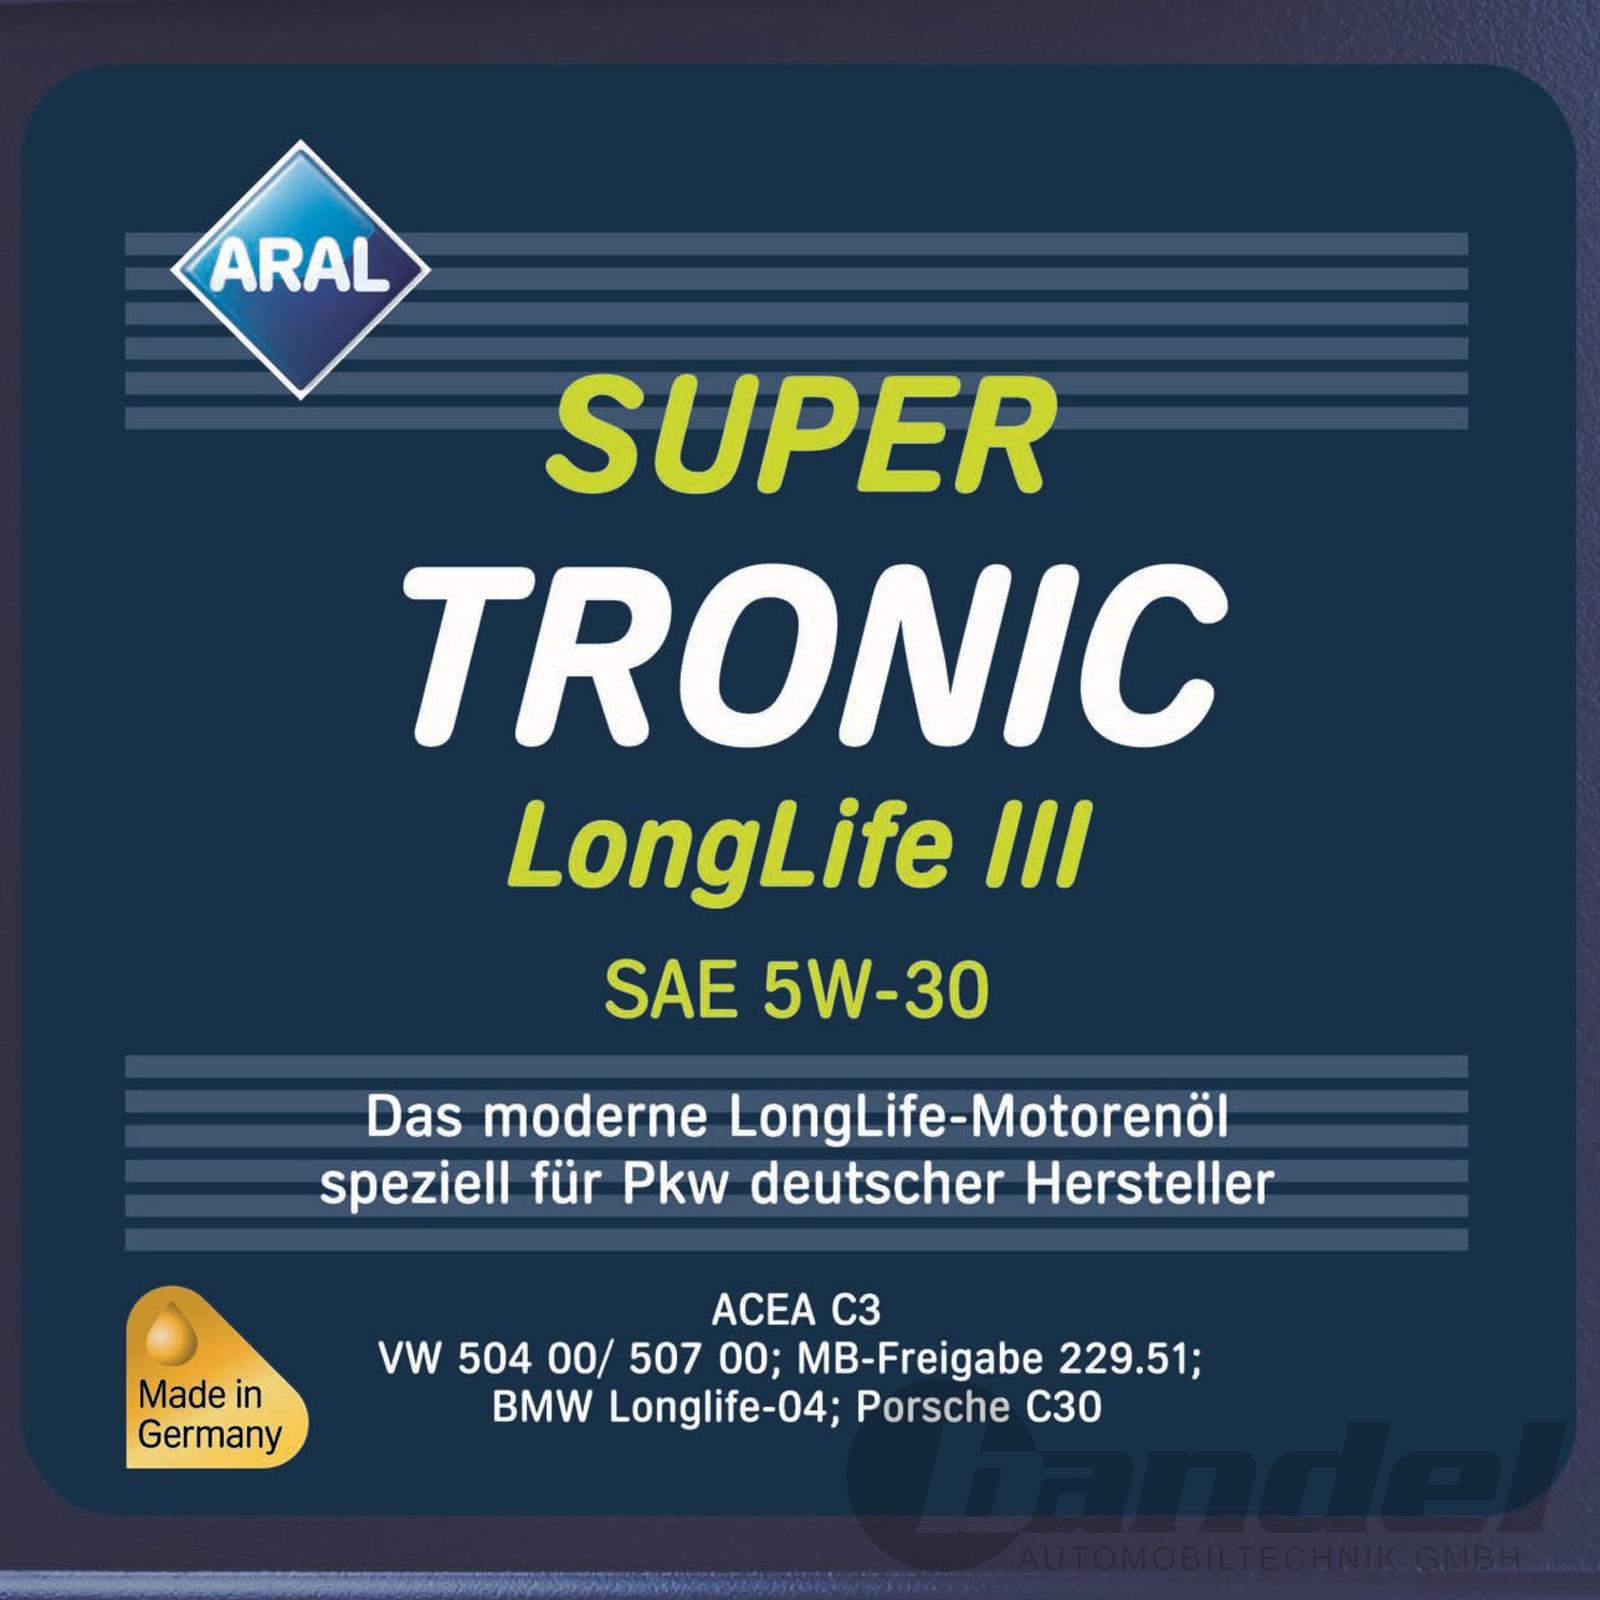 12 90 l 1 liter 5w 30 aral supertronic longlife 3 iii. Black Bedroom Furniture Sets. Home Design Ideas